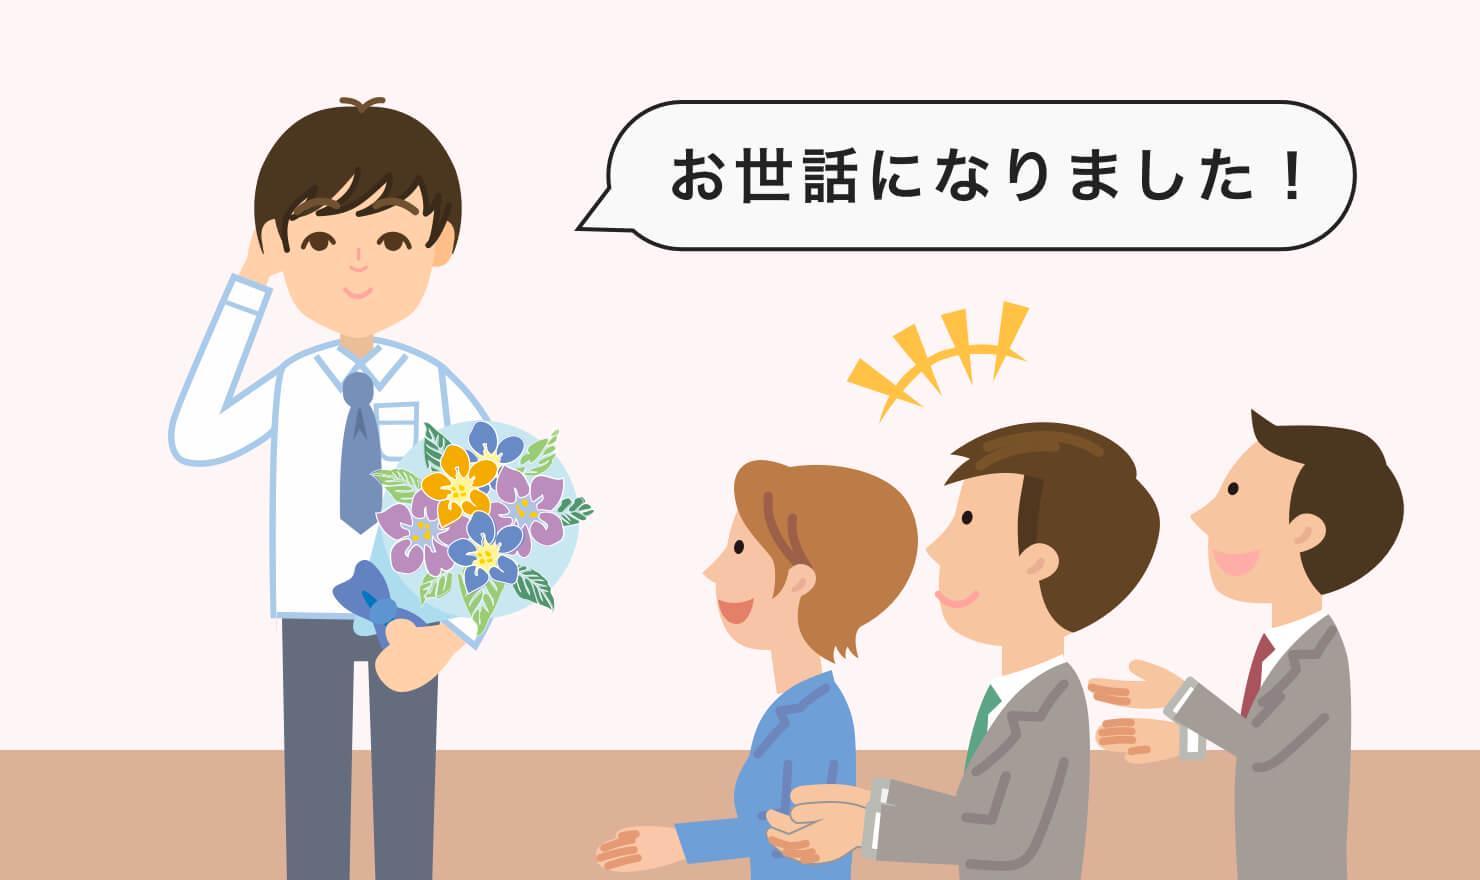 【例文あり】気持ちのこもった退職挨拶で感謝を伝えよう!